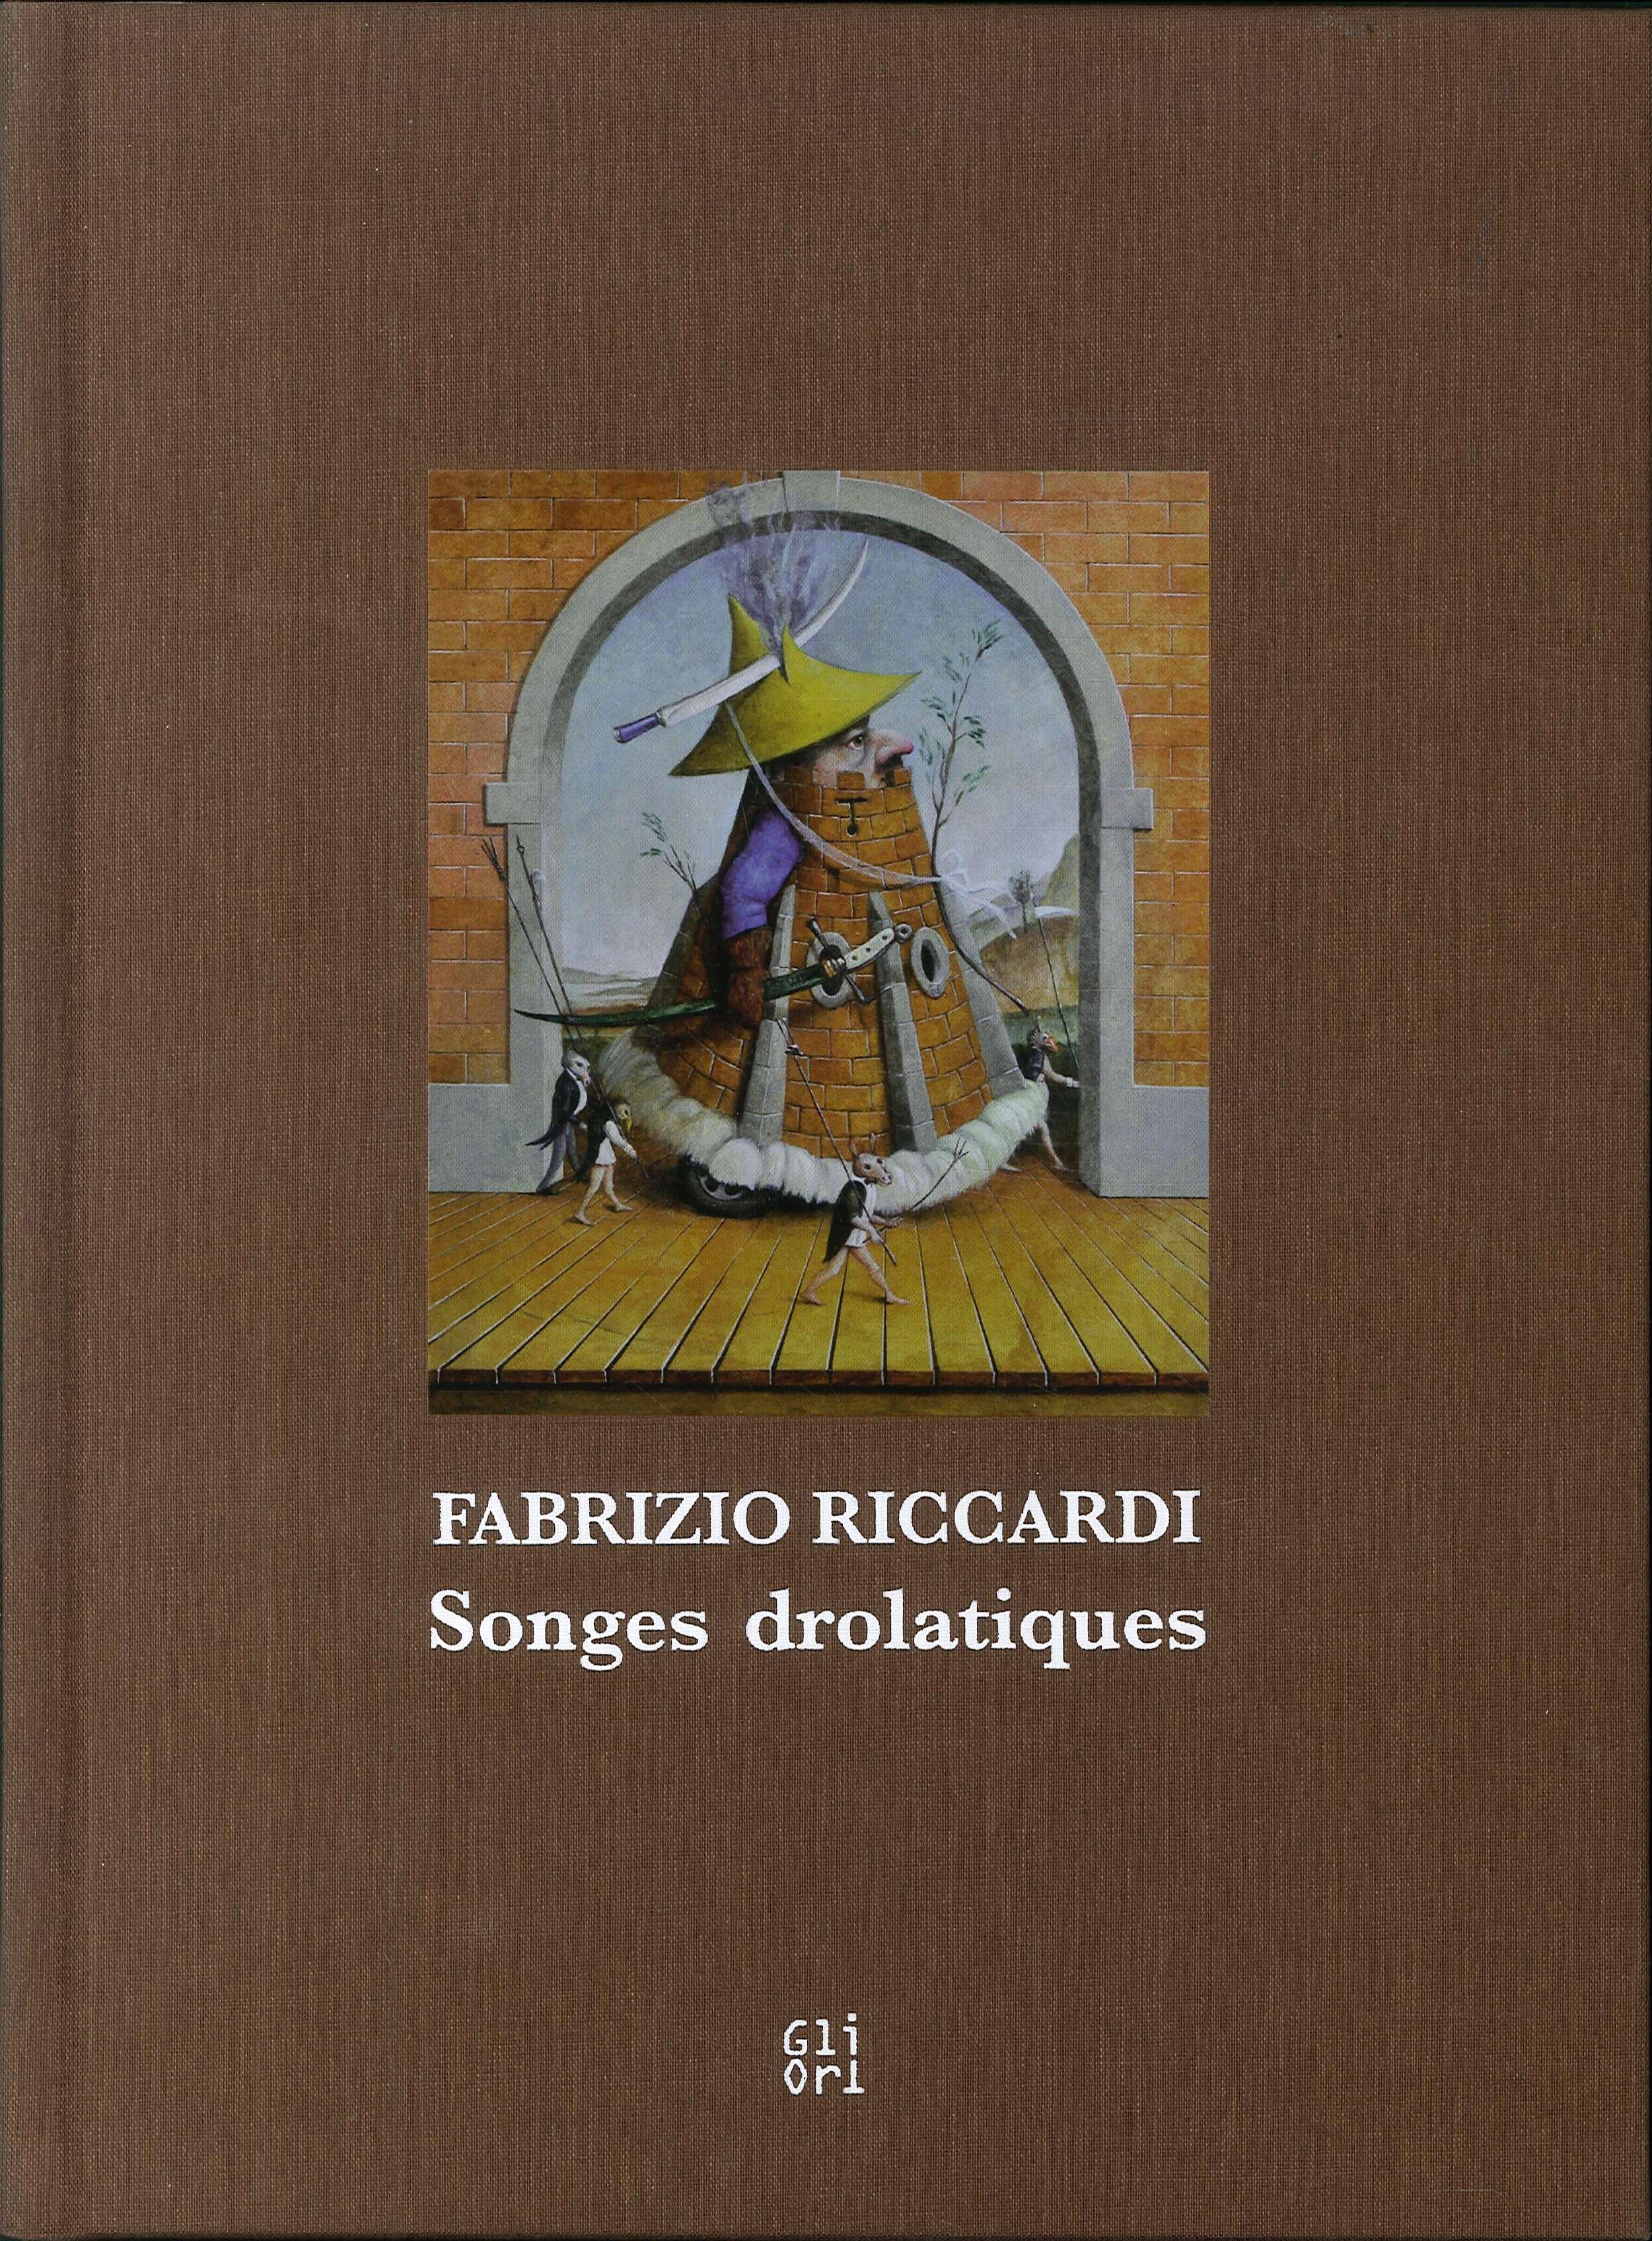 Fabrizio Riccardi. Songes drolatiques.